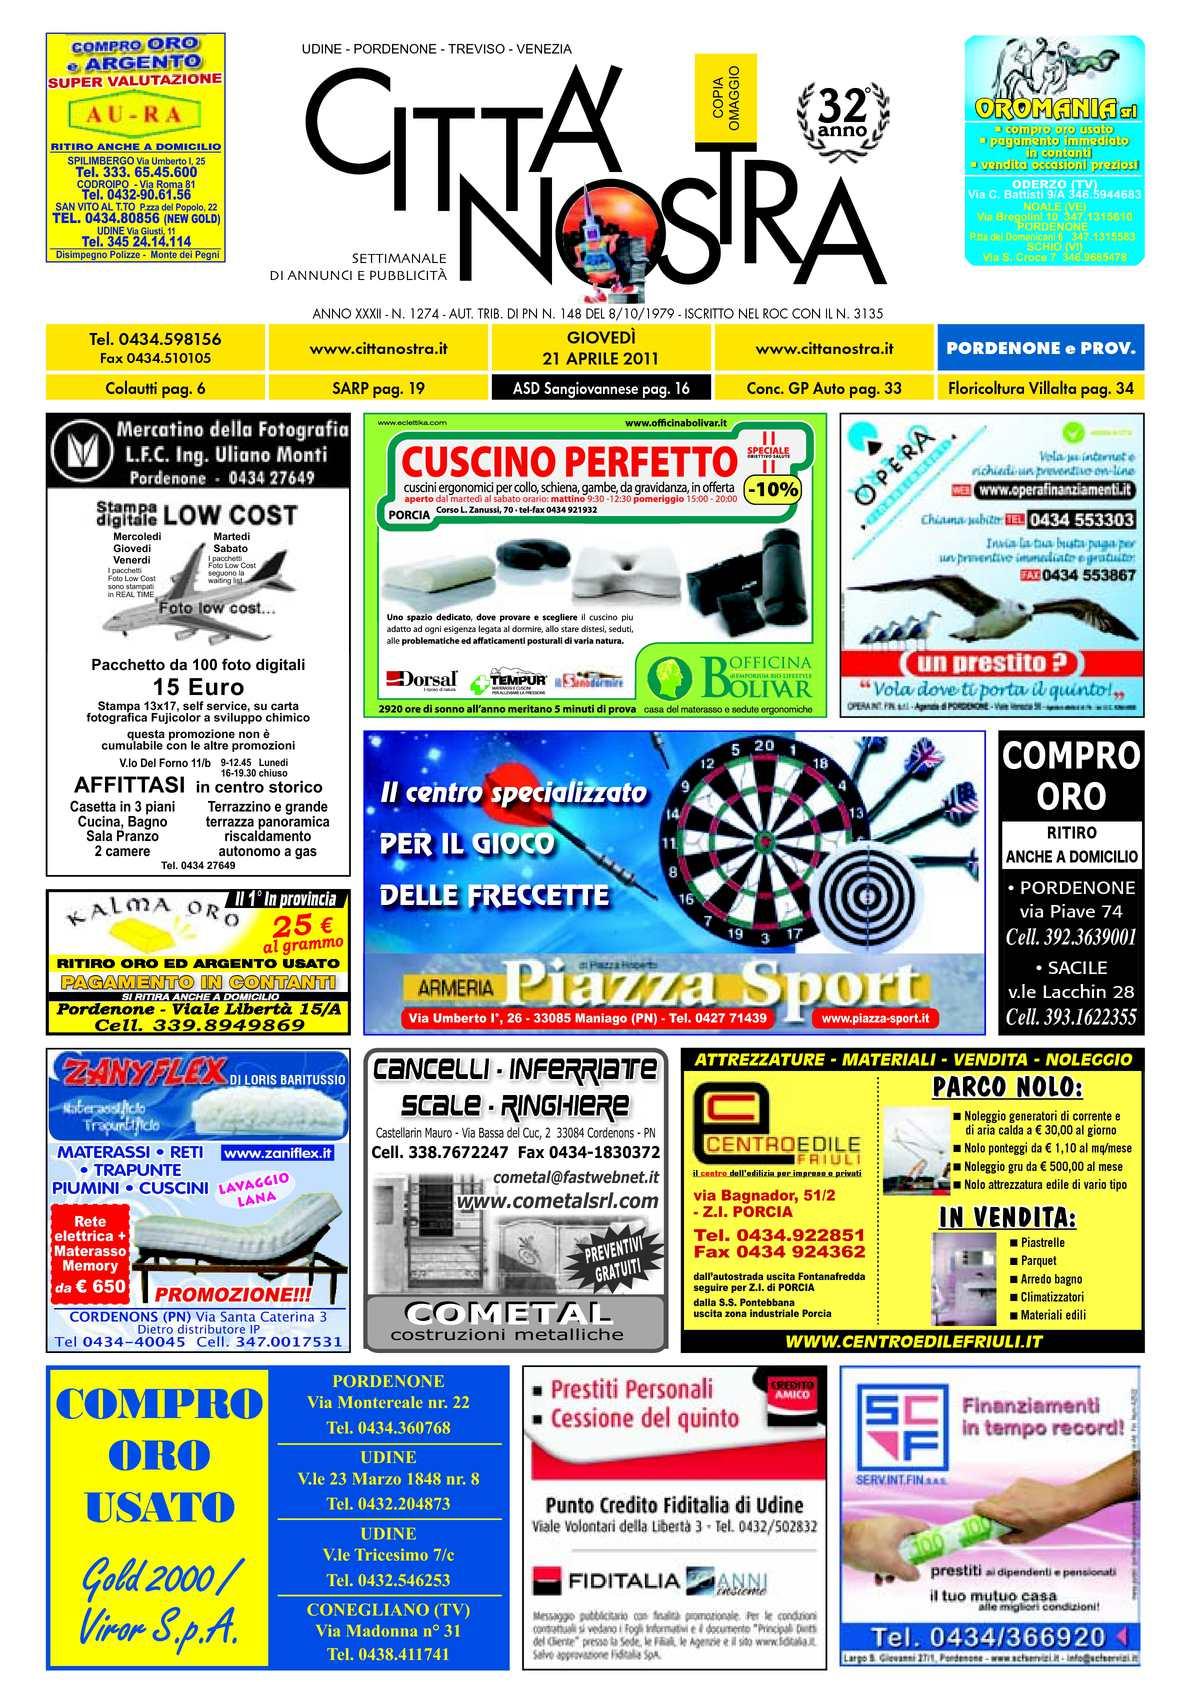 Calaméo Citt Nostra Pordenone Del 21 04 2011 N 1274